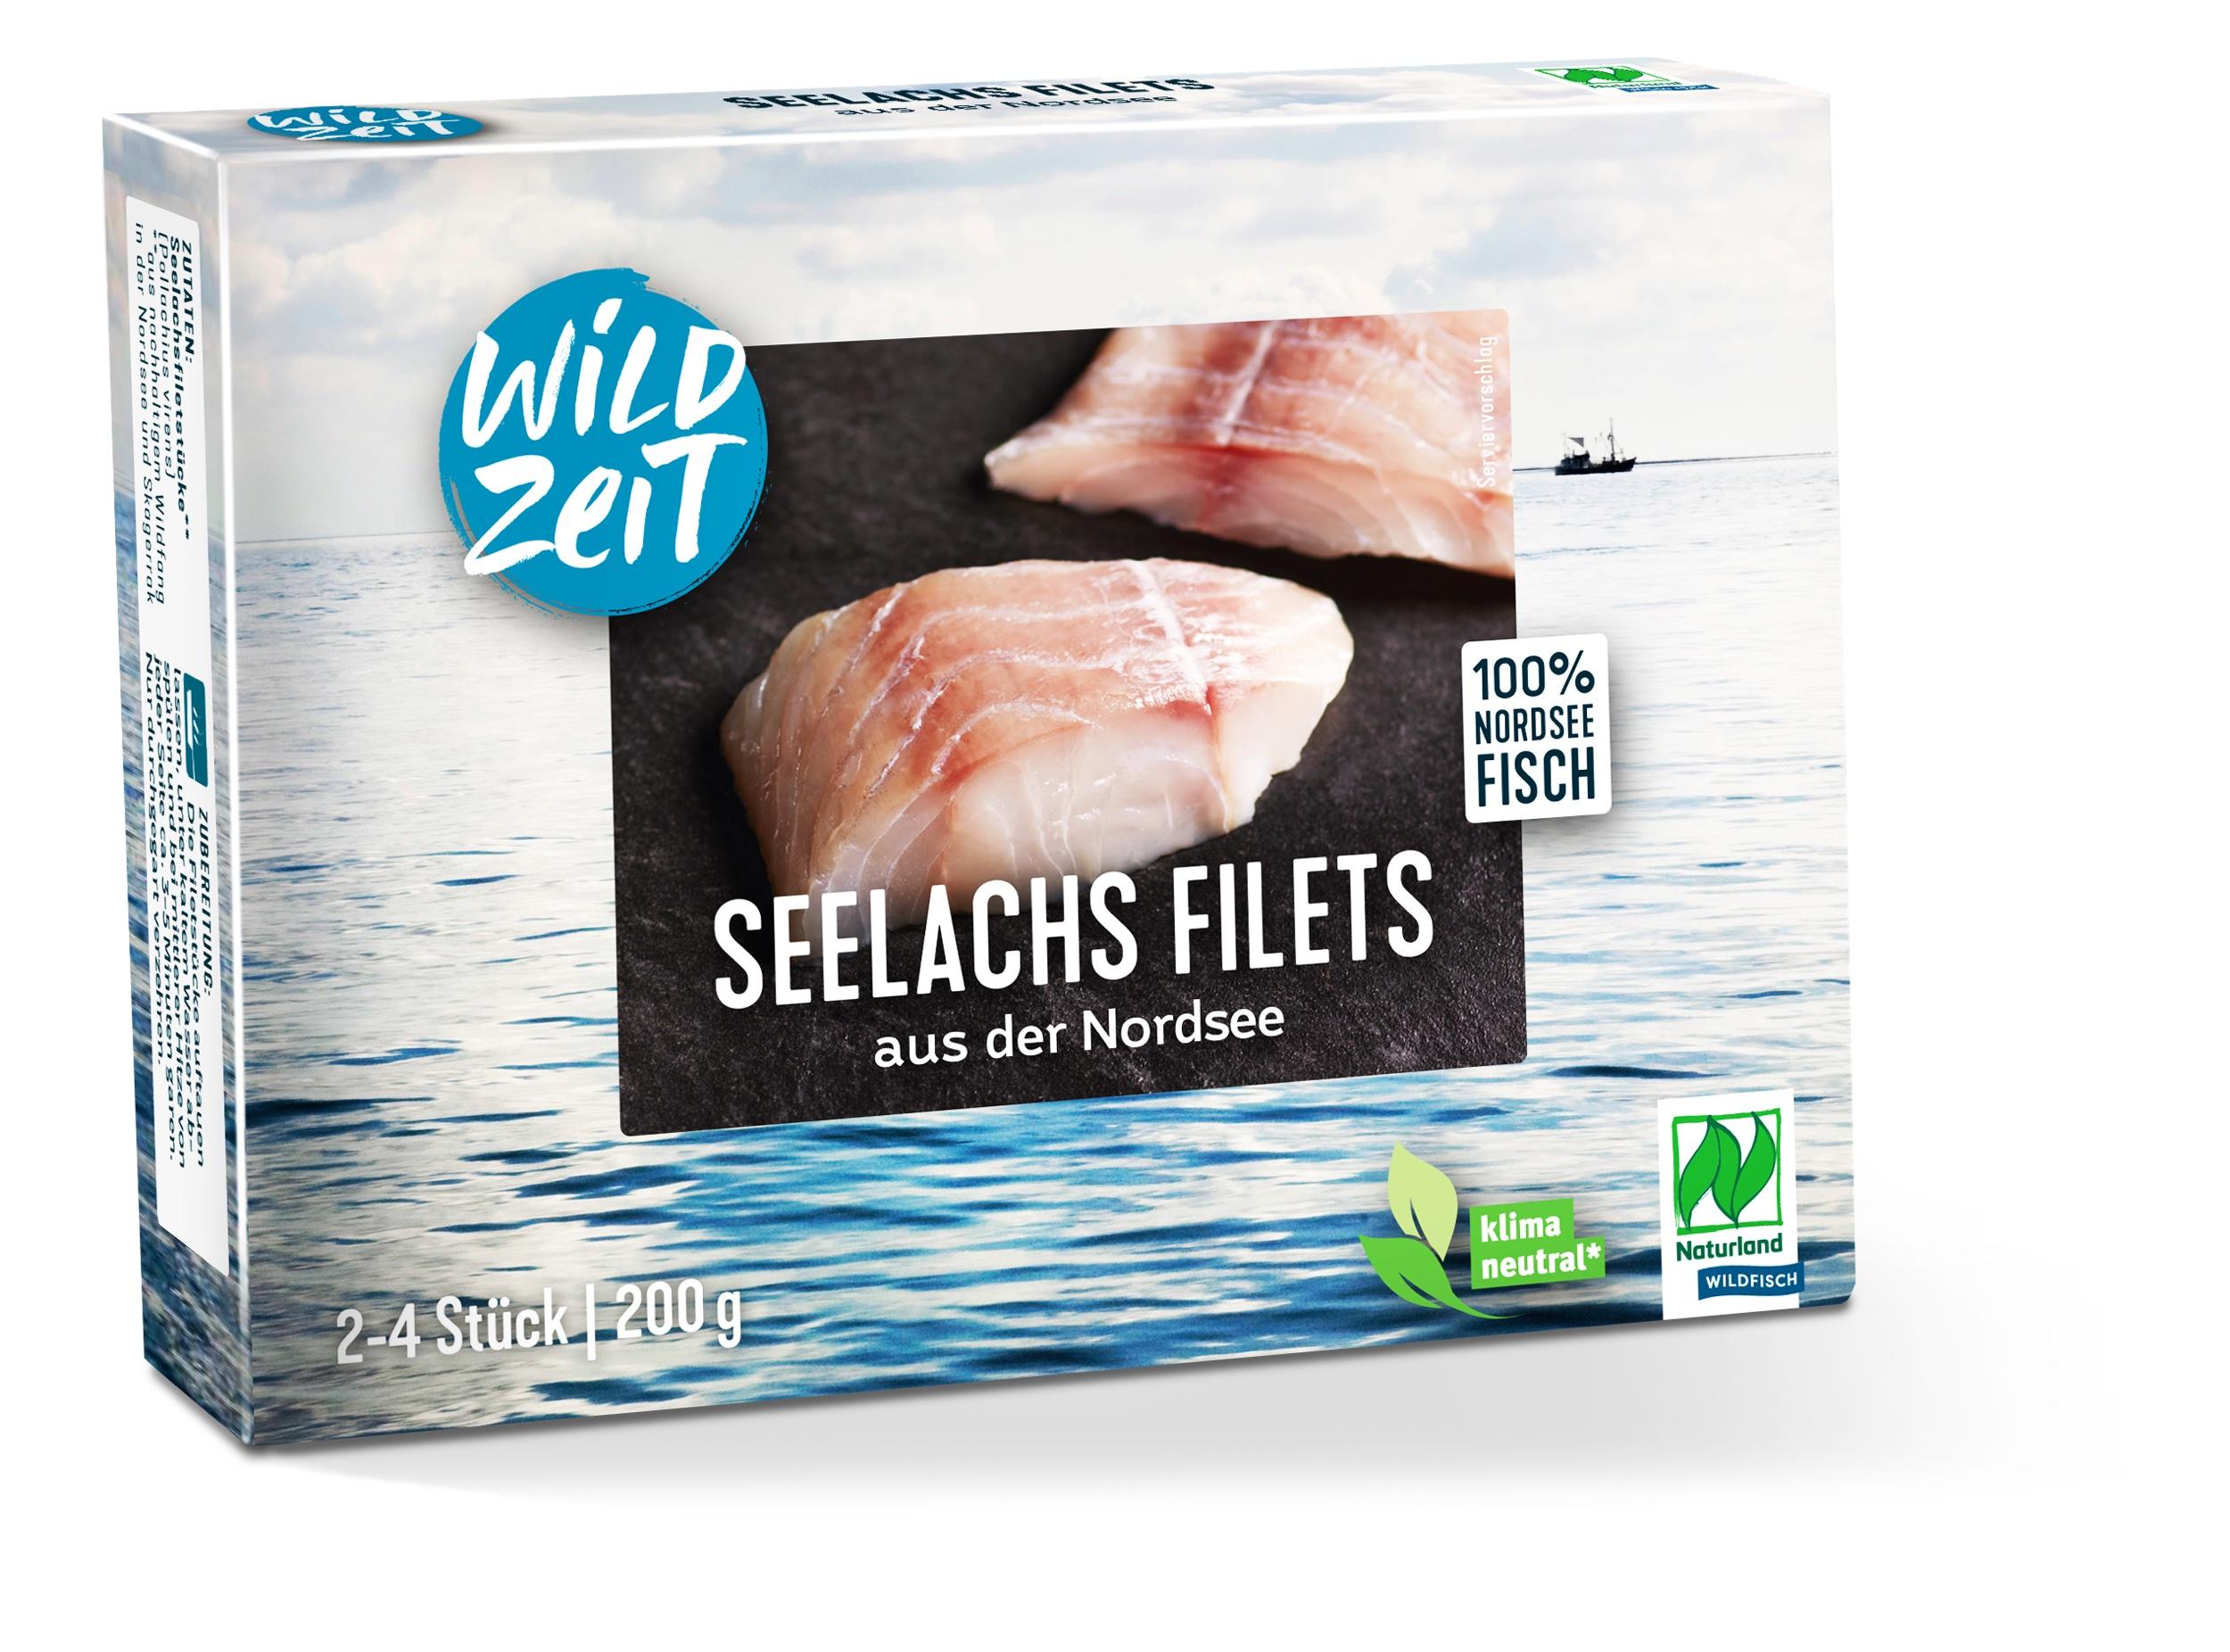 Wildzeit_Seelachs_Filet